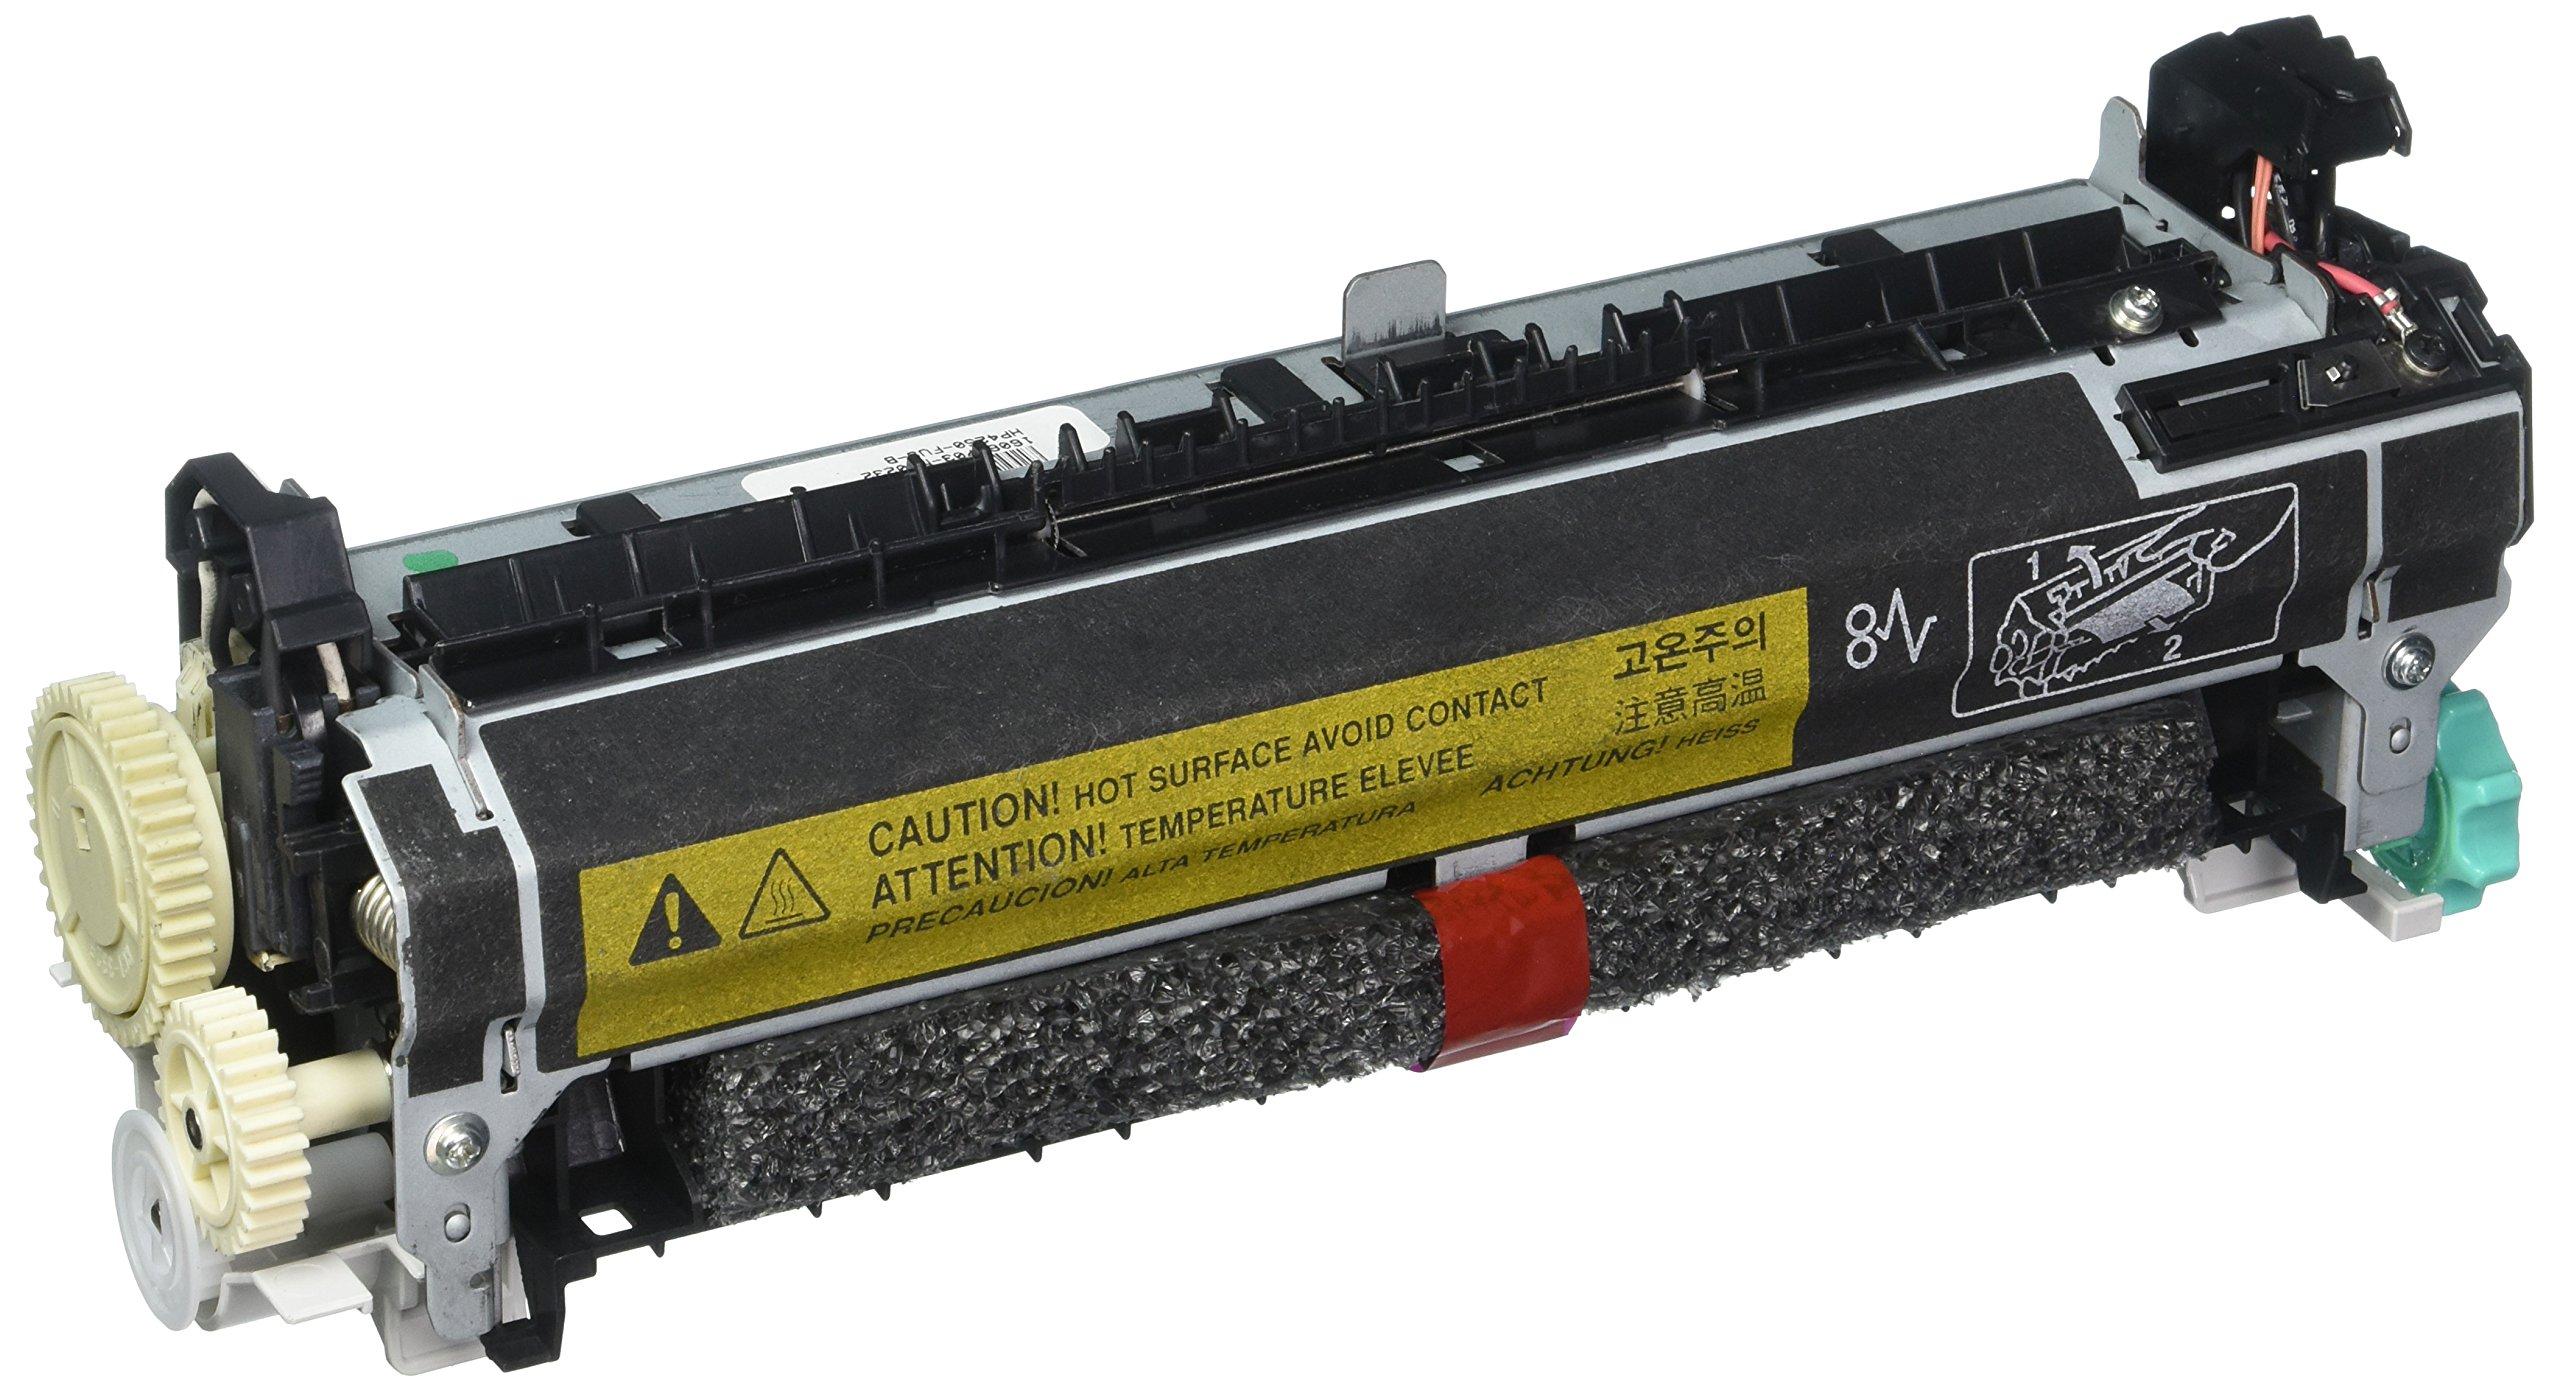 Premium Compatibles Inc. RM1-1082-RPC Replacement Fuser for HP Printers, Black by PREMIUM COMPATIBLES INC.